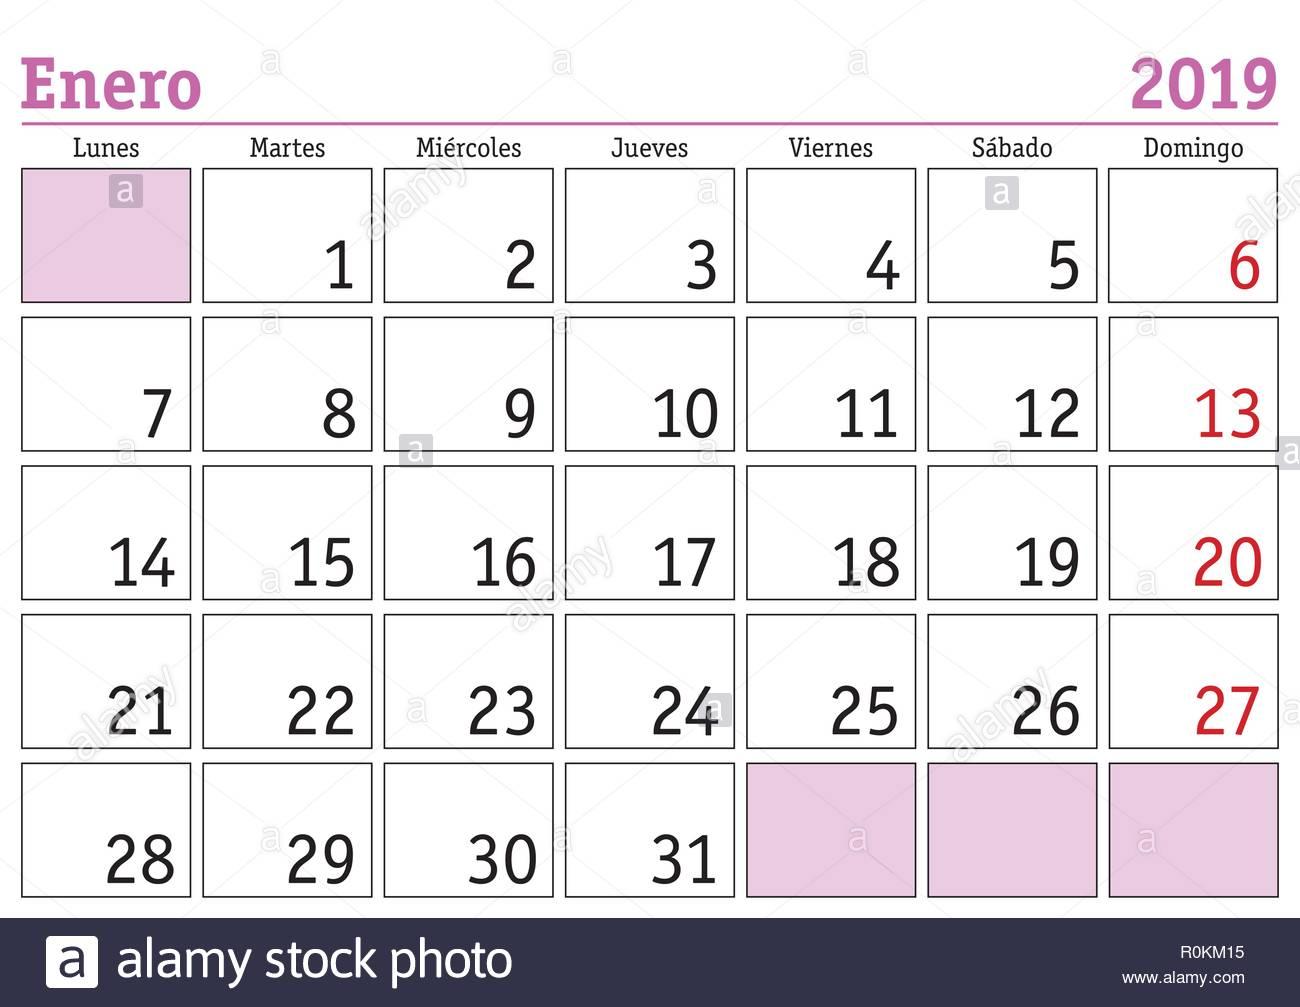 Januar Monat In Einem Jahr 2019 Wandkalender In Spanisch Enero 2019